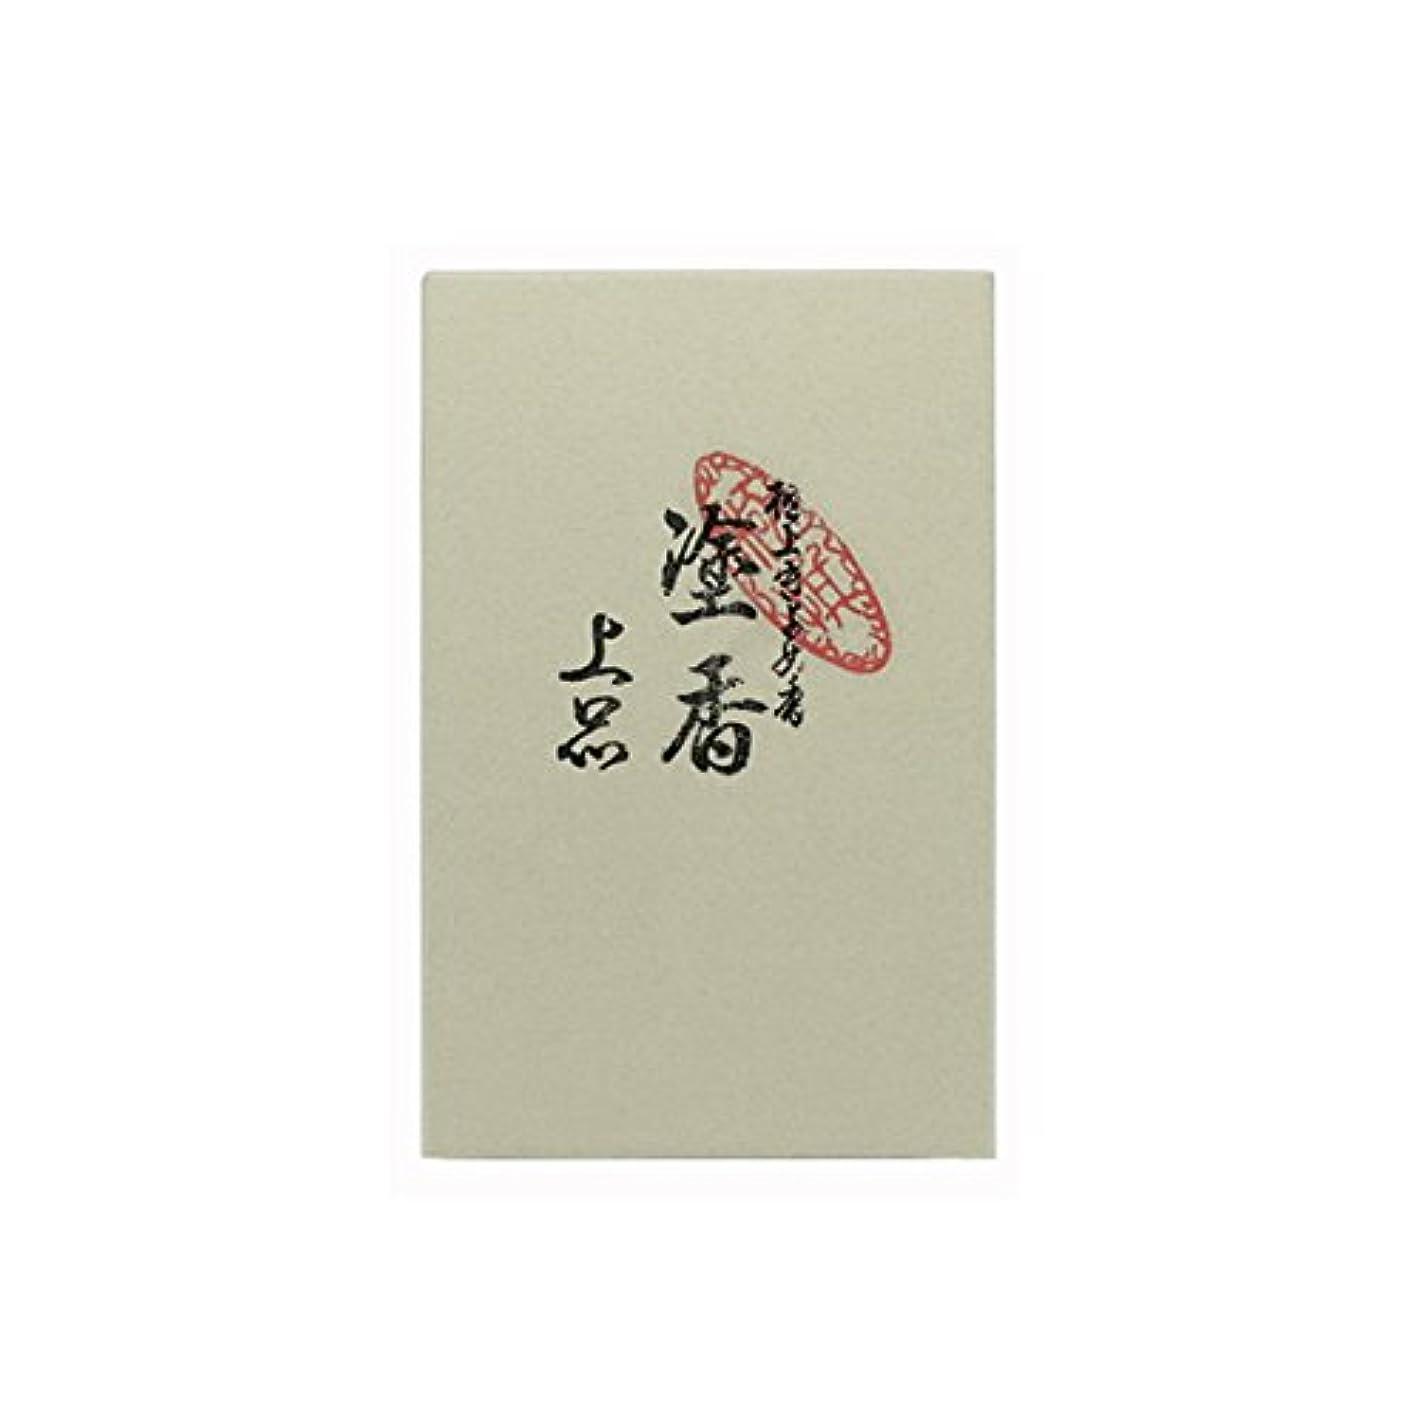 聖歌分類する長椅子塗香(上品) 20g入